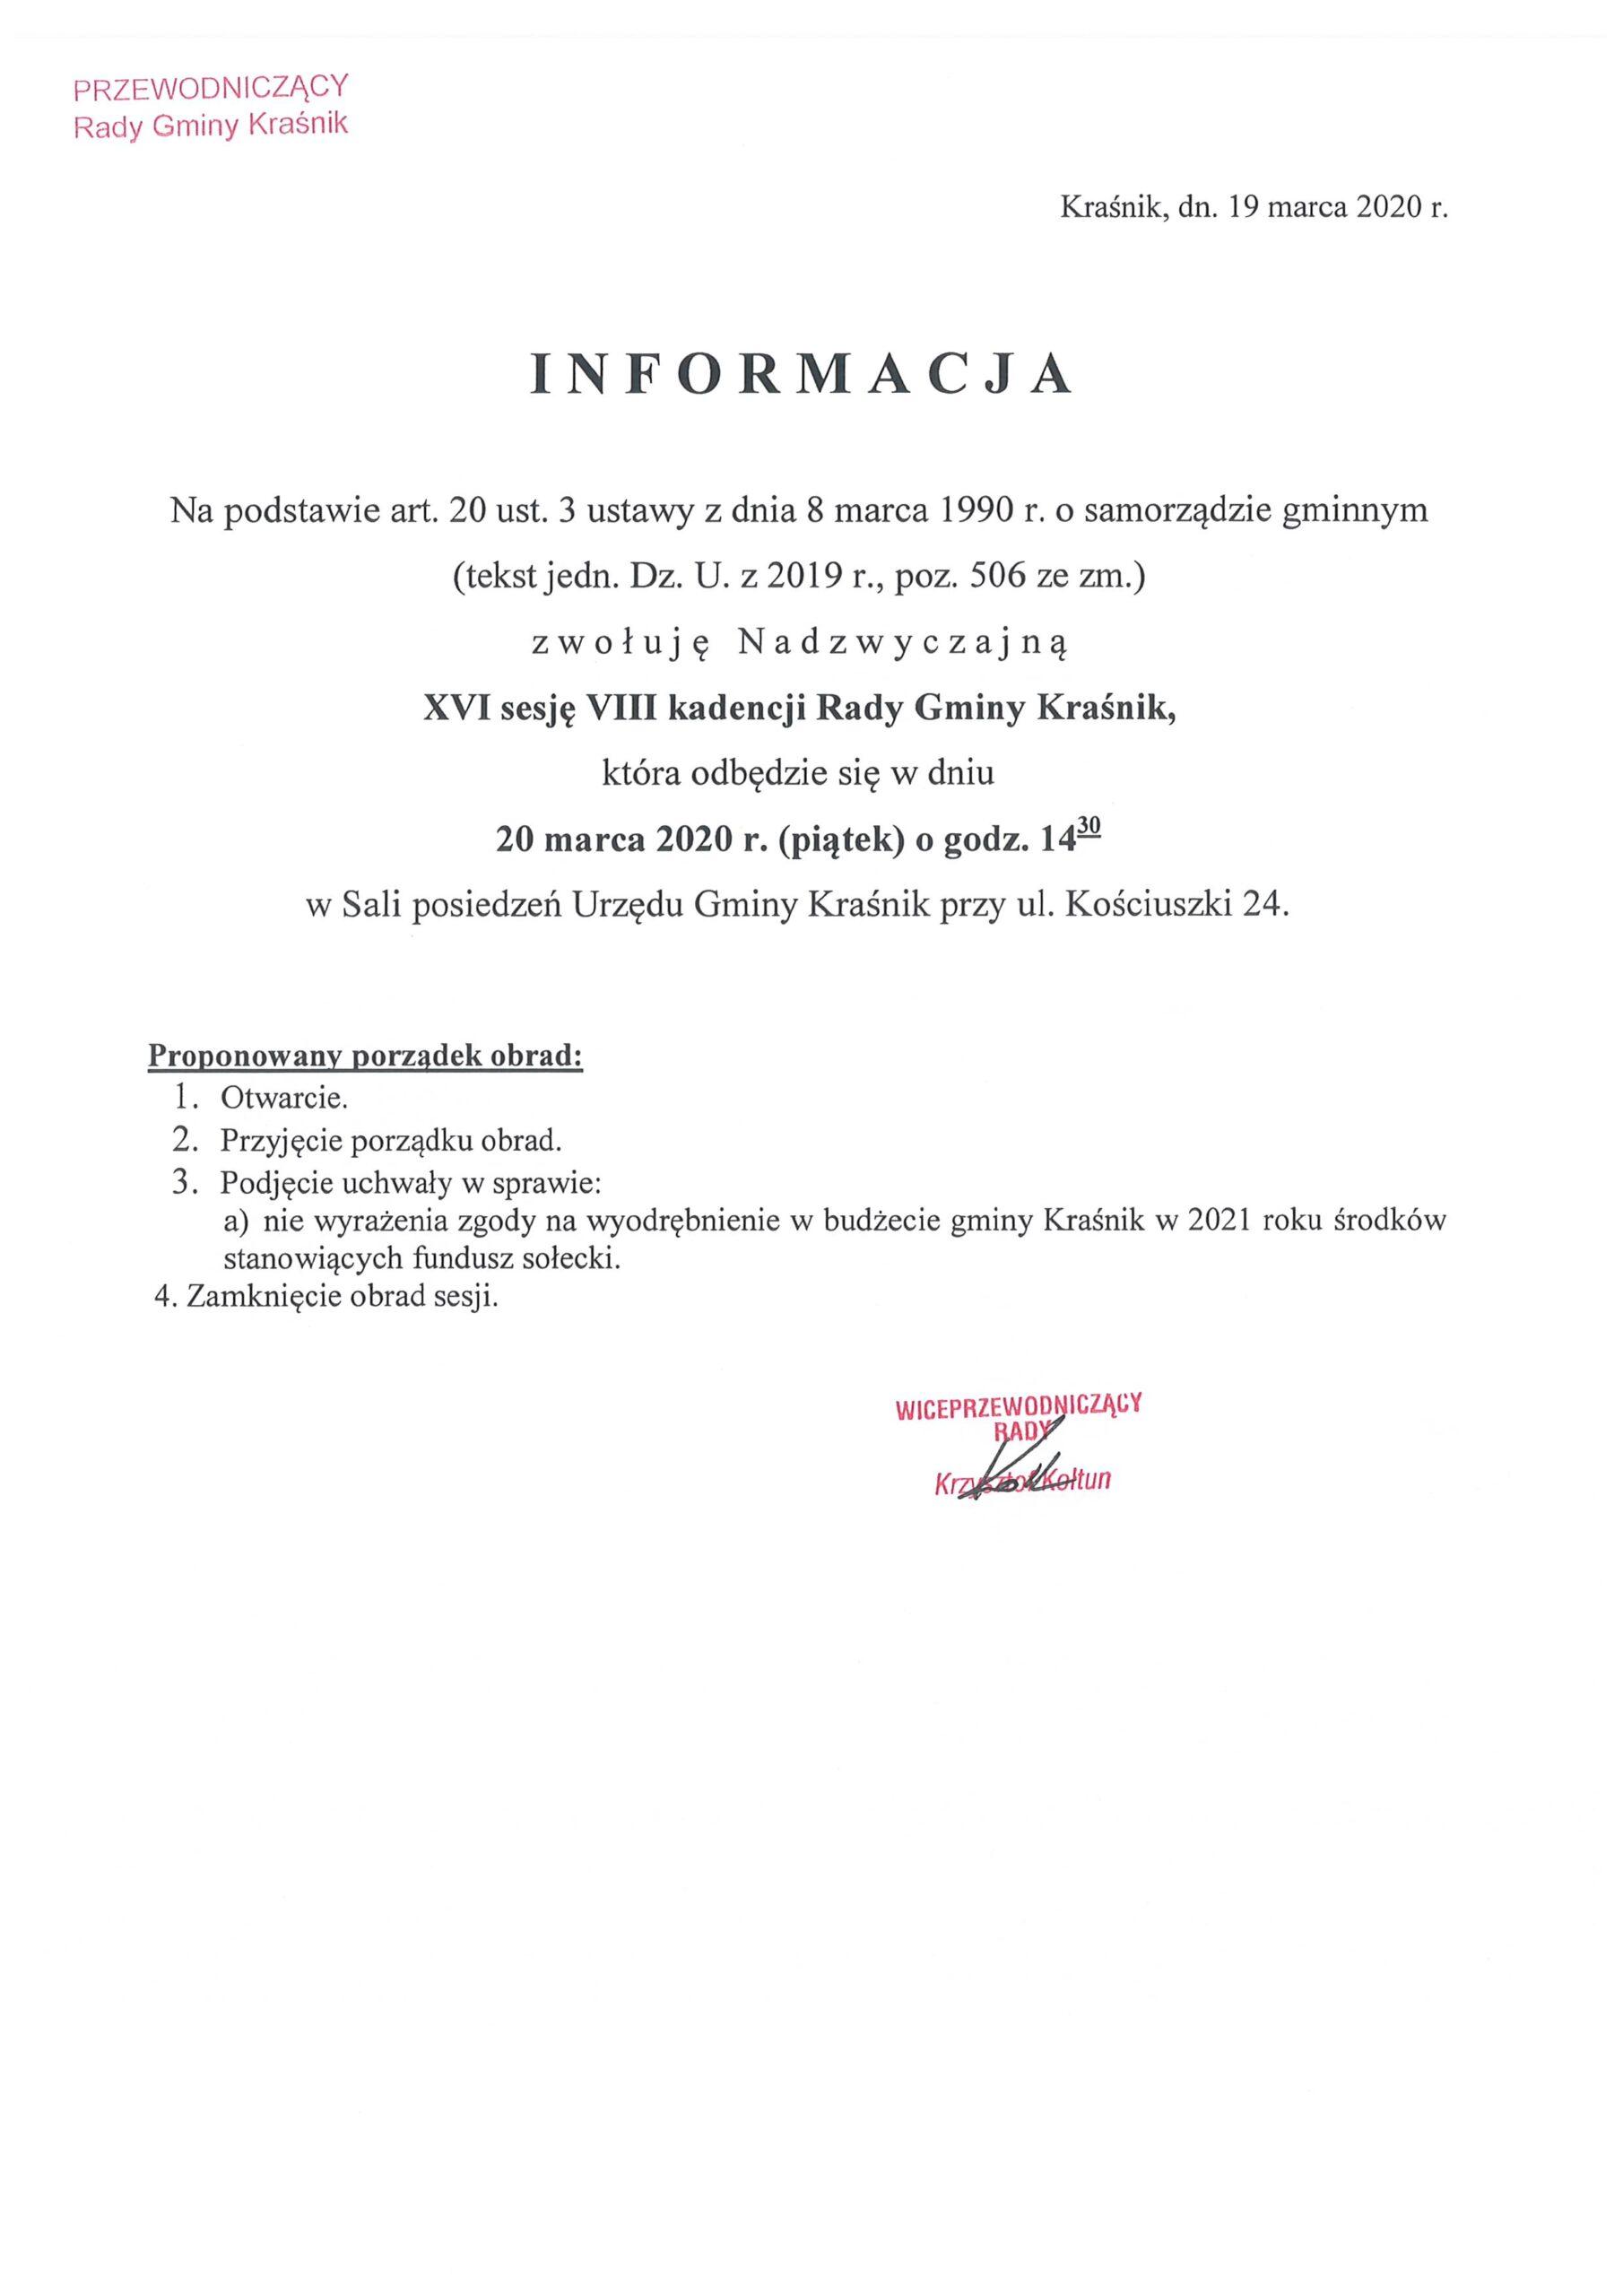 Informacja o XVI sesji scaled